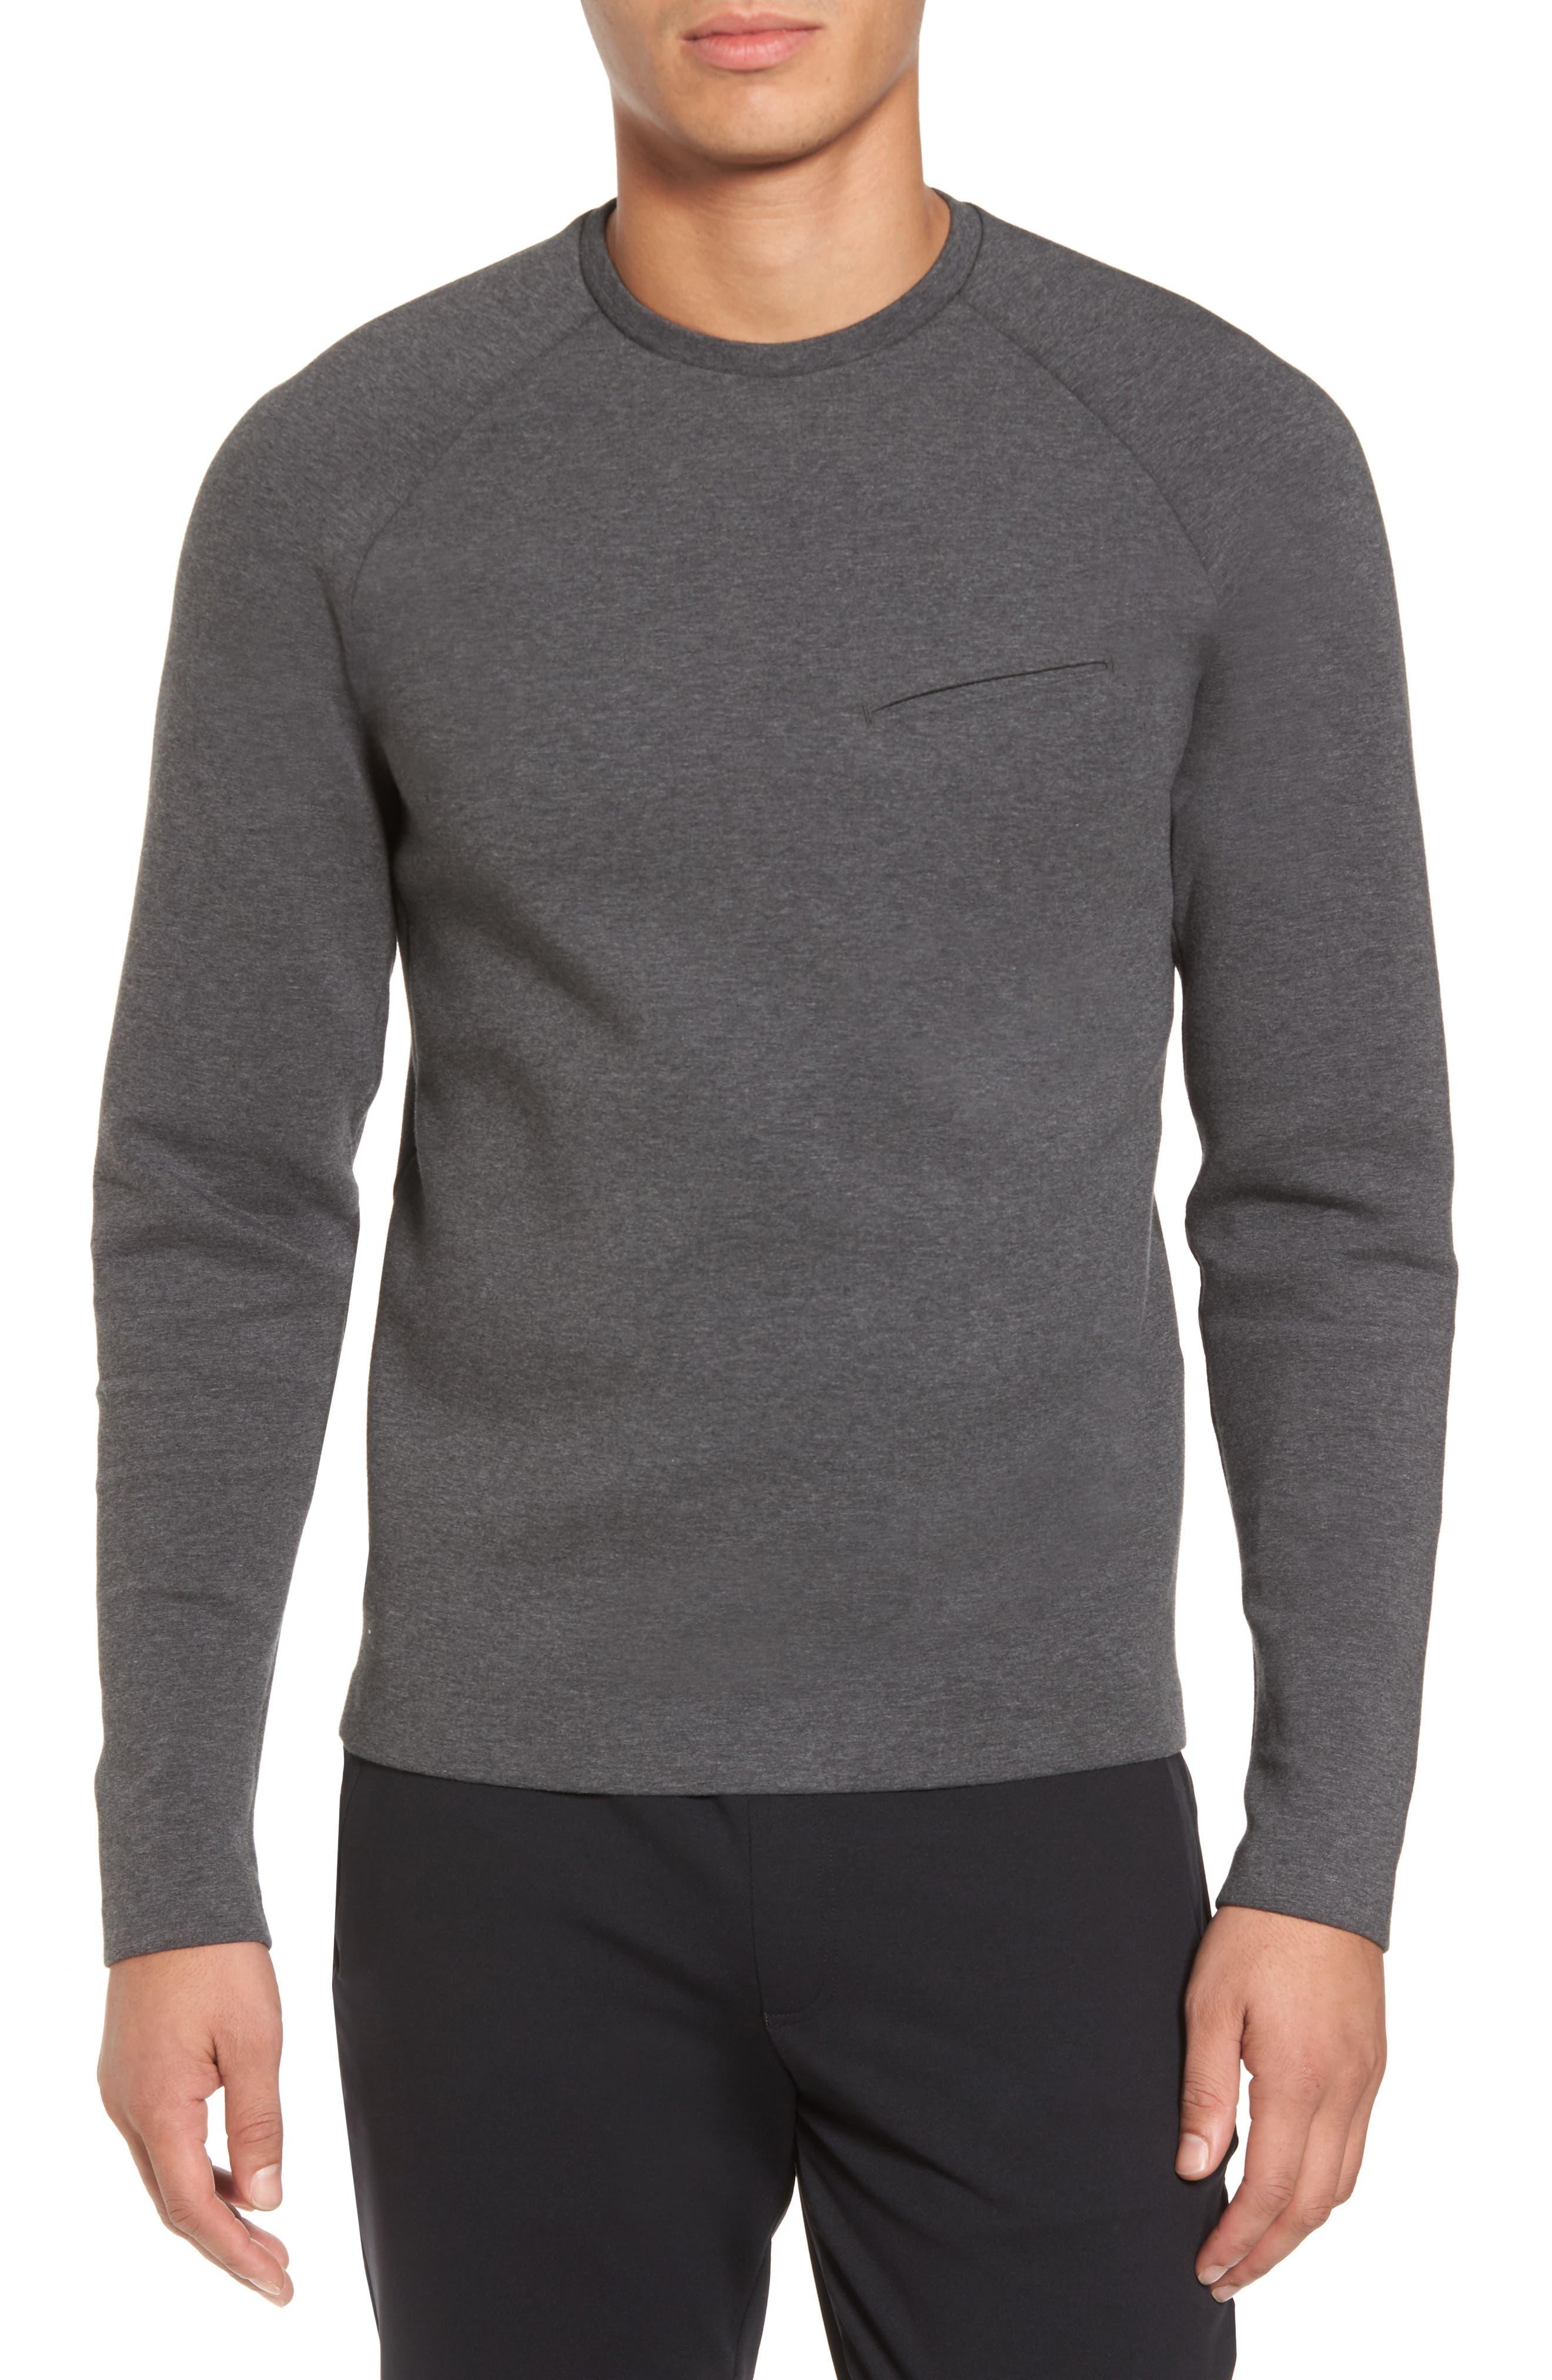 Ethos Cotton Blend Sweater,                             Main thumbnail 1, color,                             021